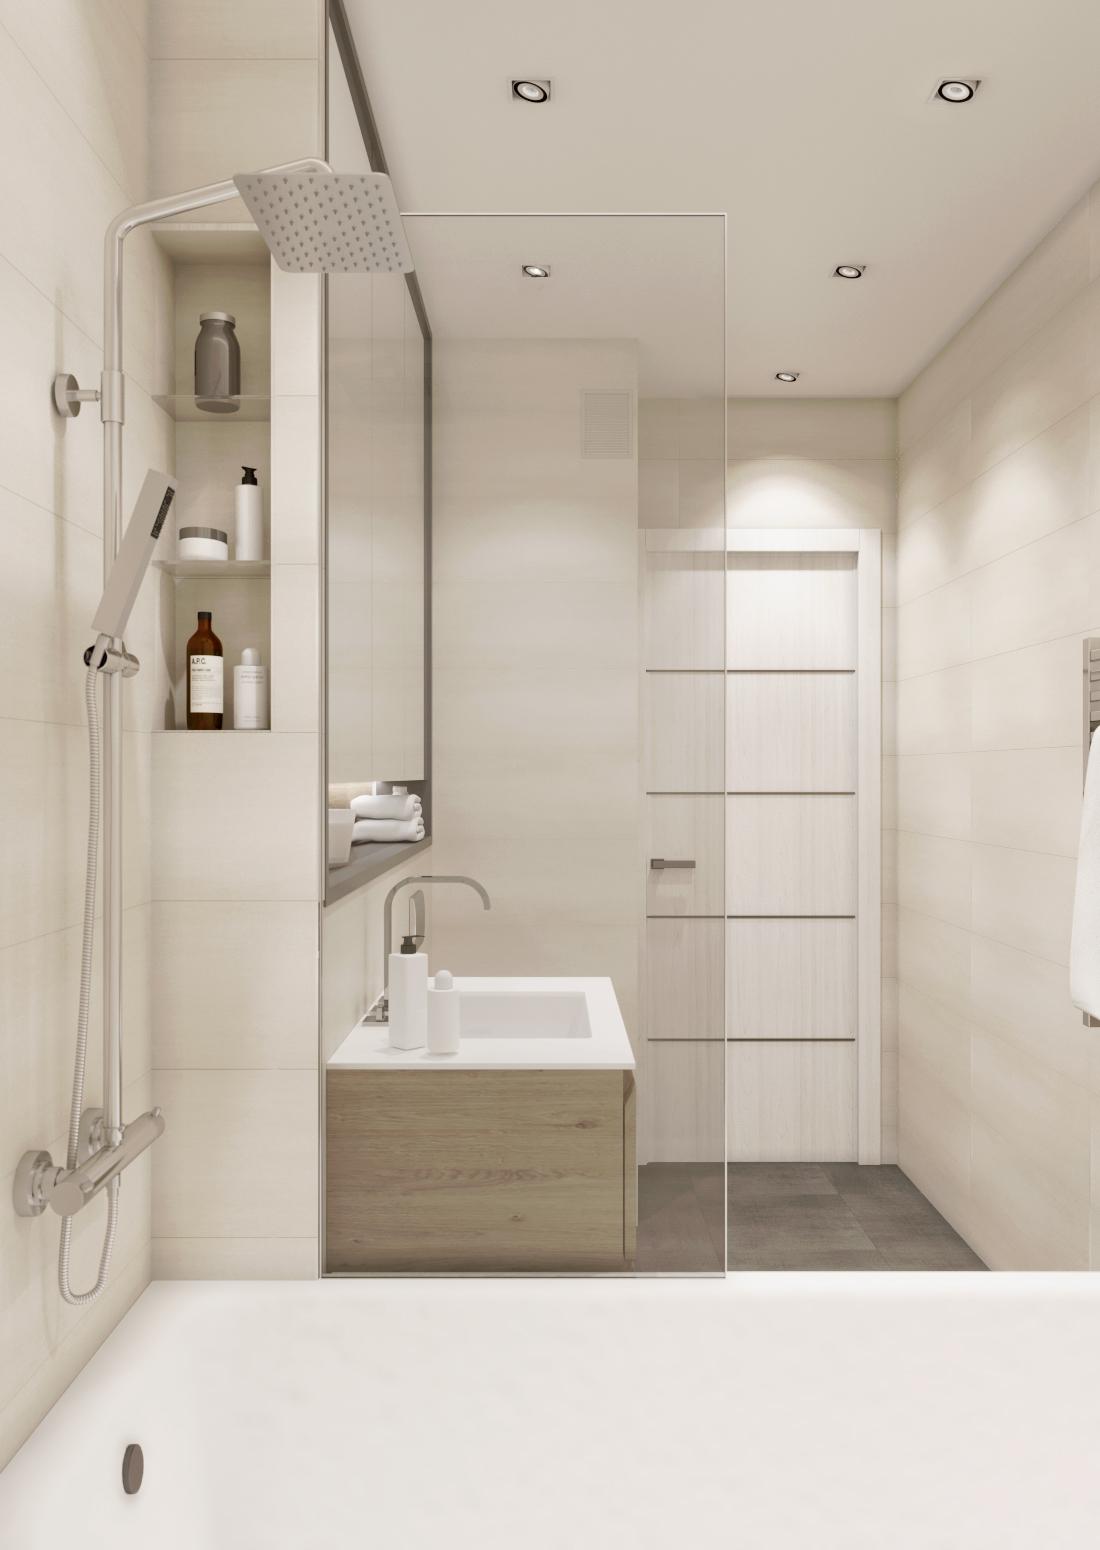 Ванная  комната ракурс 2.jpg